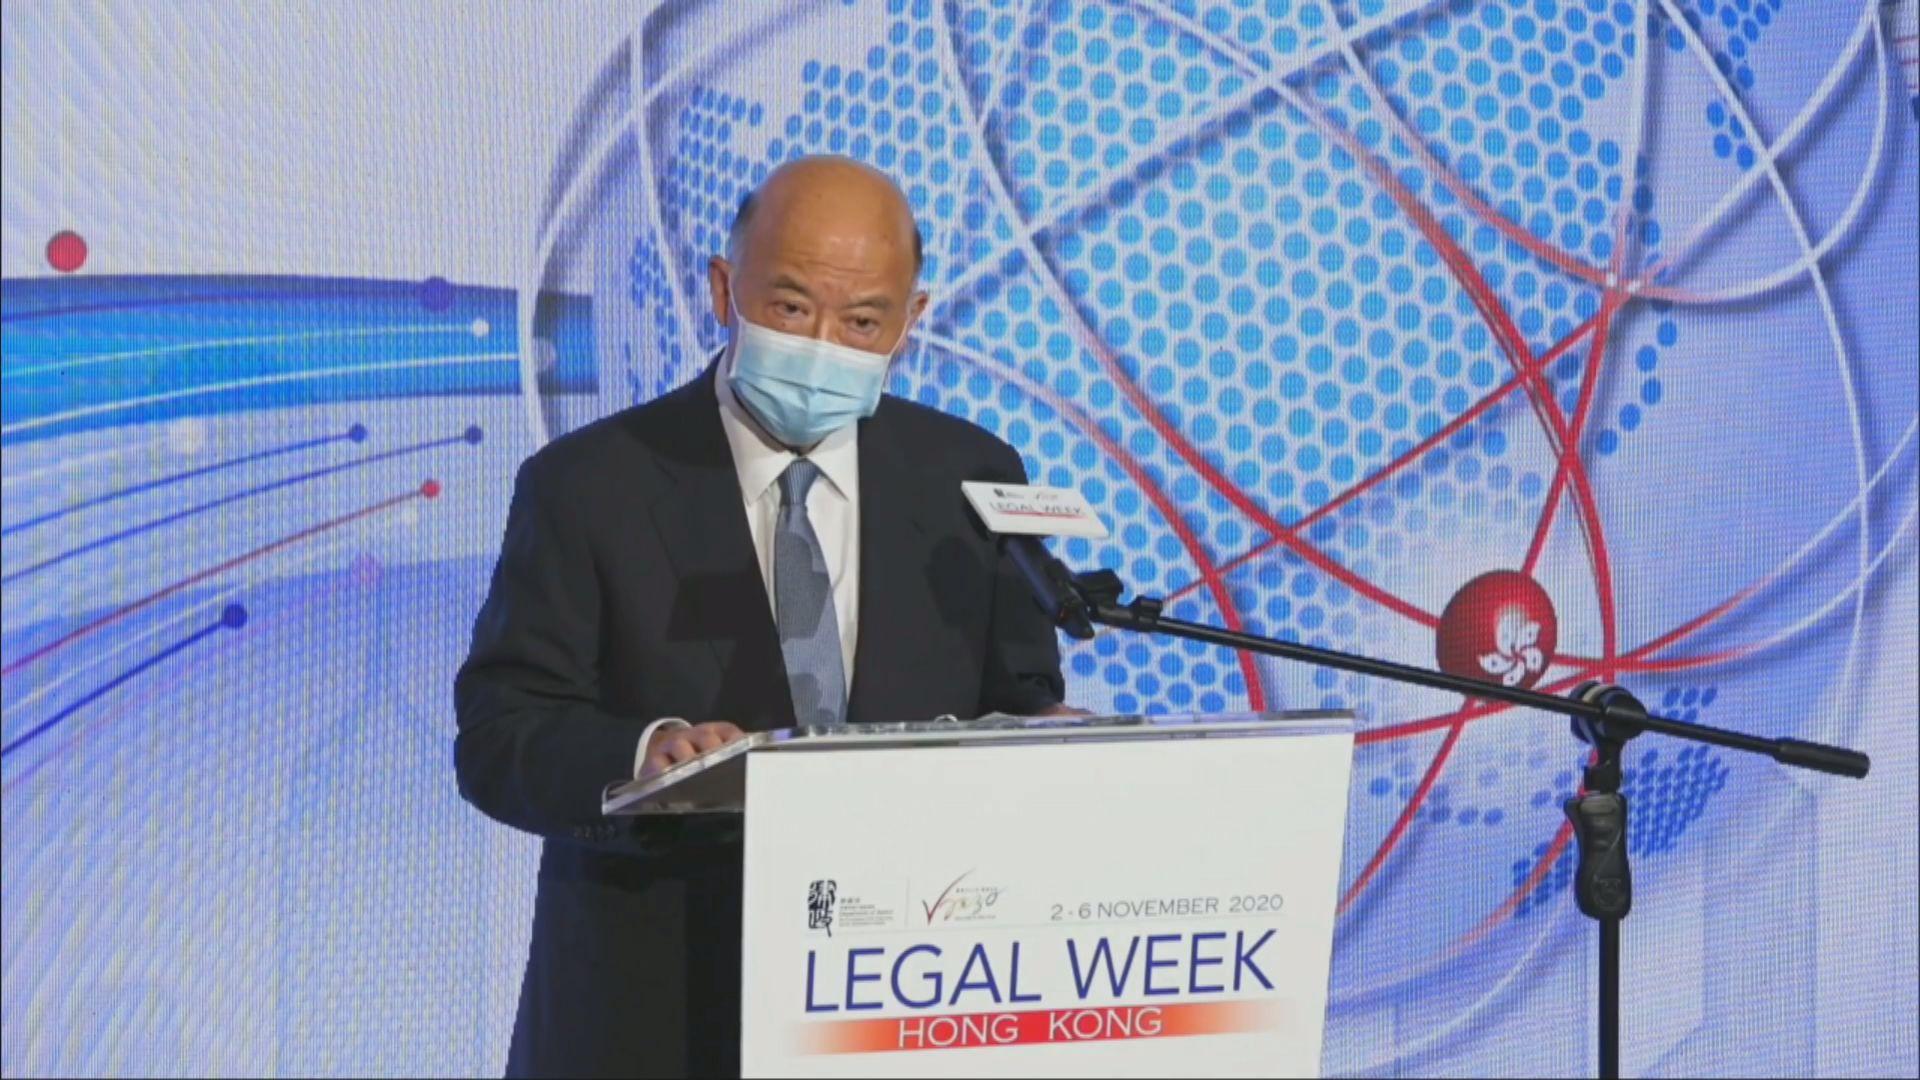 馬道立:司法獨立與政治無關